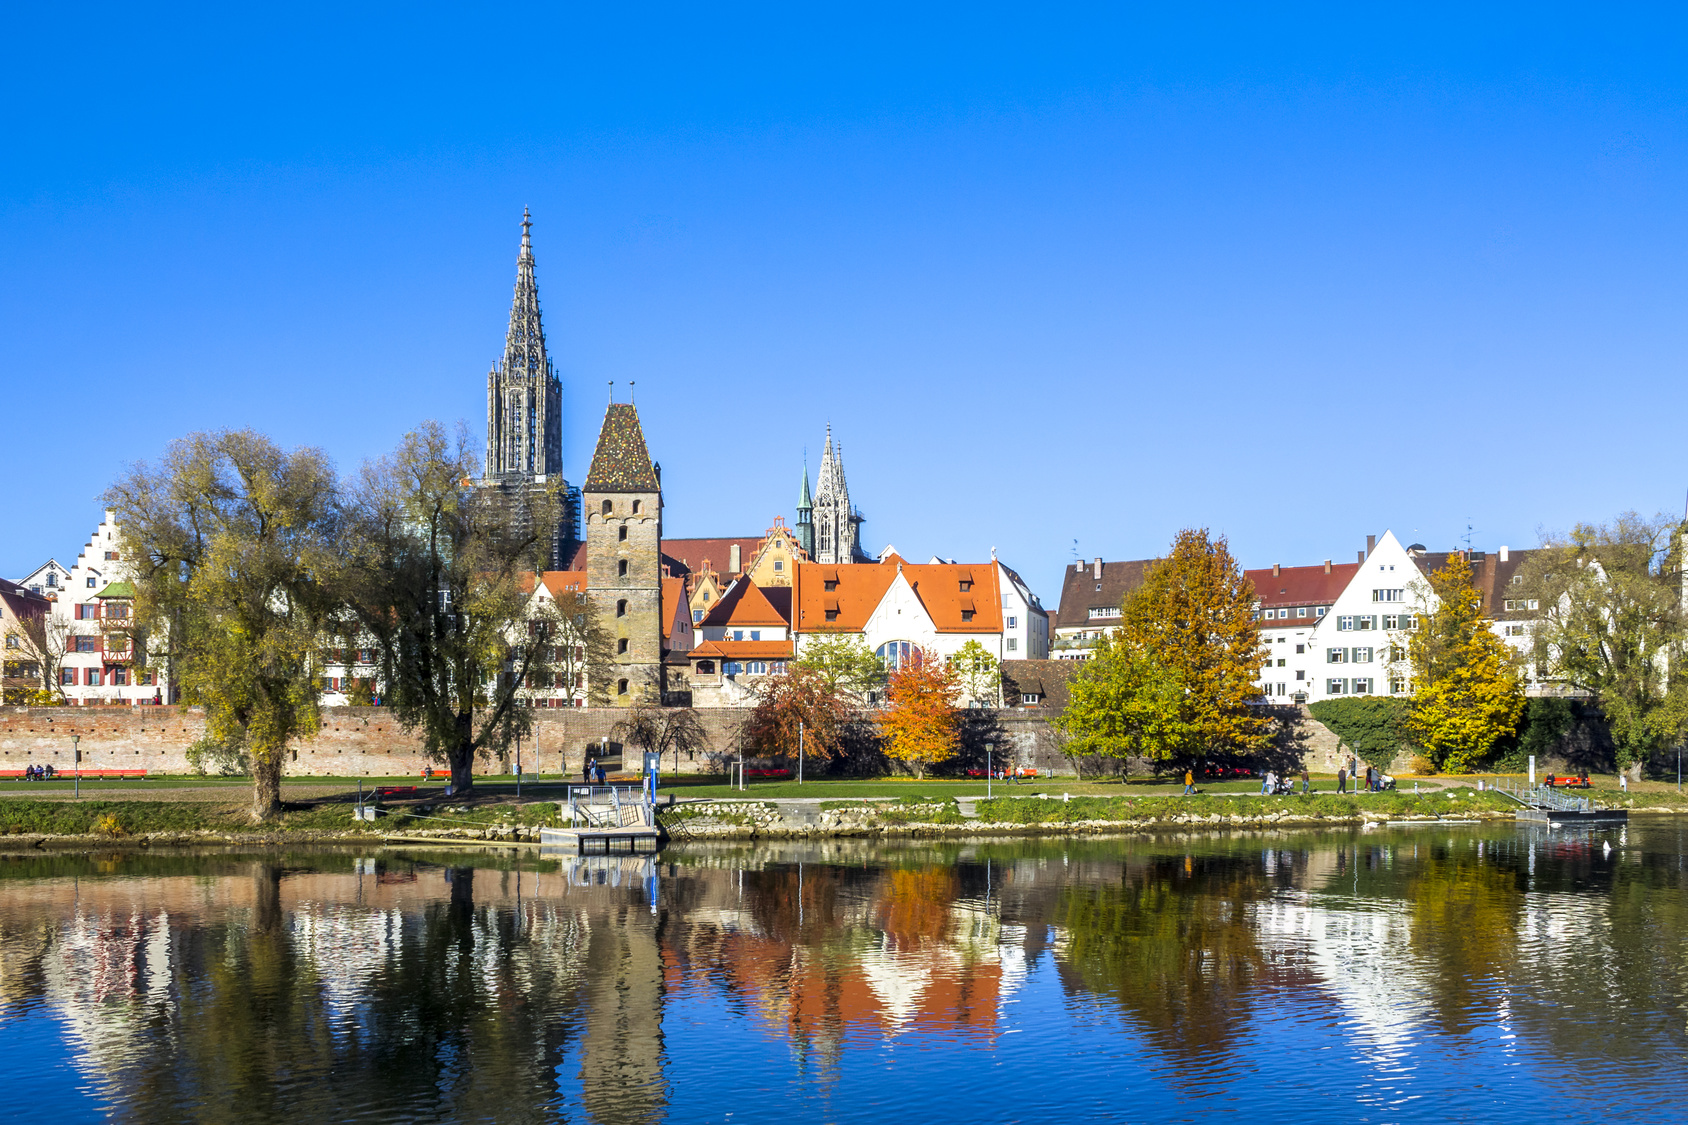 Baureinigung-Münster der Company Ö&I CLEAN group GmbH sorgt auch in Münster für strahlende Sauberkeit